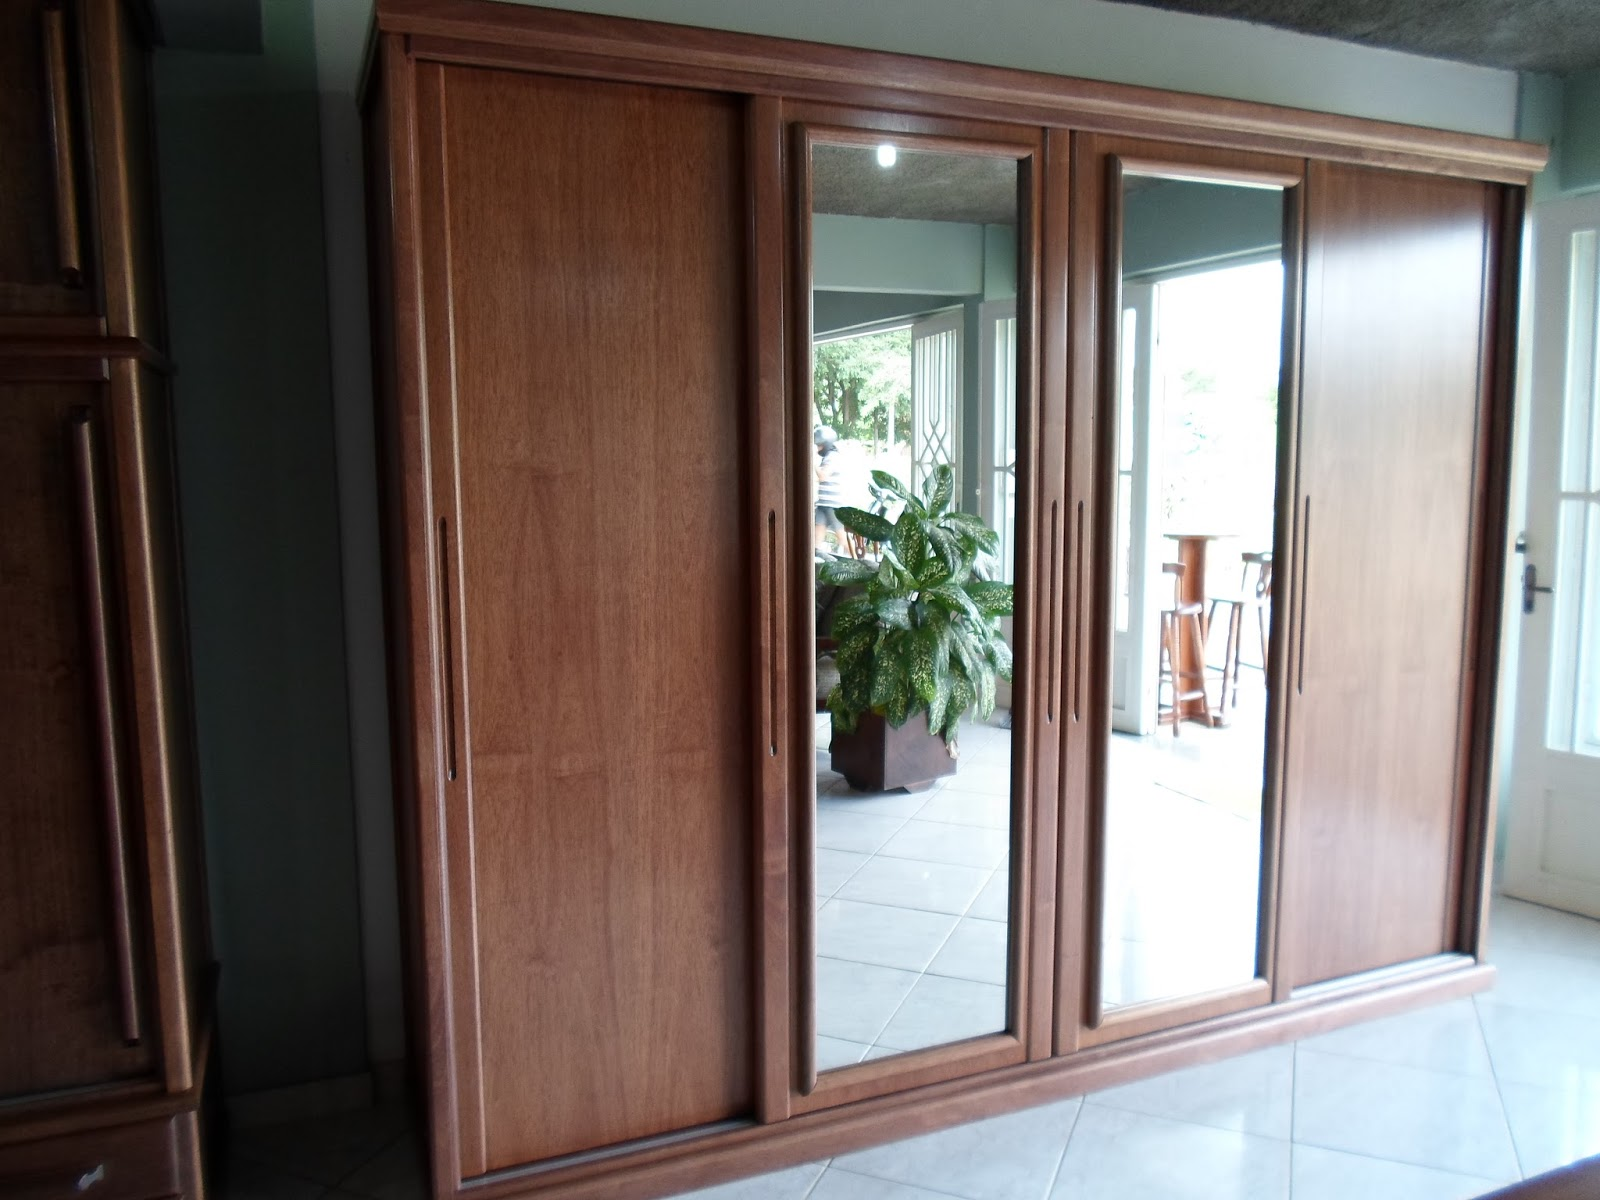 nas duas portas do meio são 10 gavetas 5 de cada lado. Nas portas  #6A4638 1600x1200